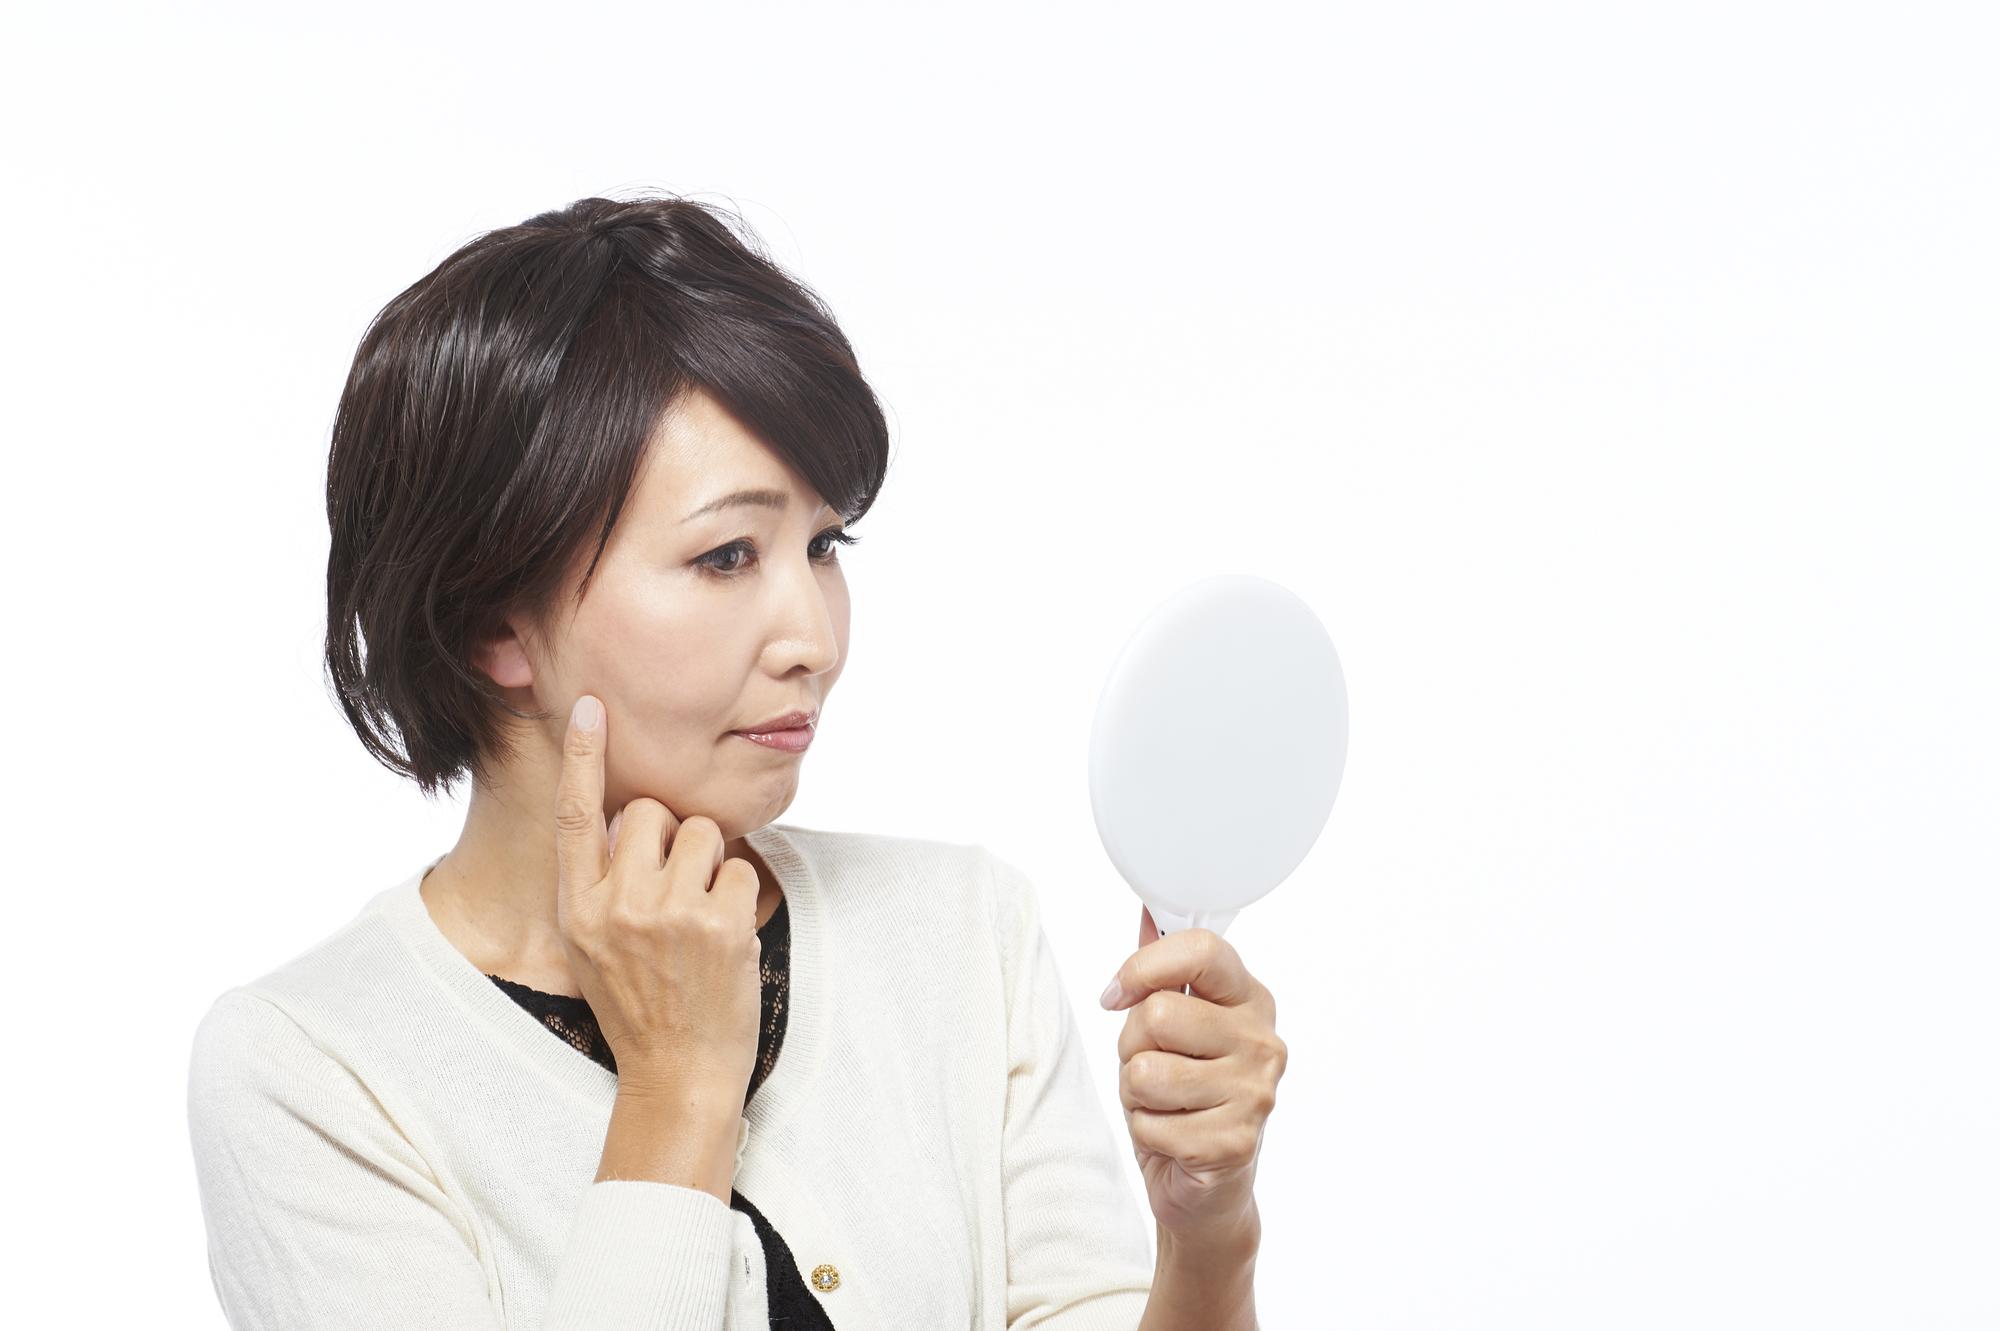 顔のシミ、シワの80%の原因である「光老化」を予防する方法